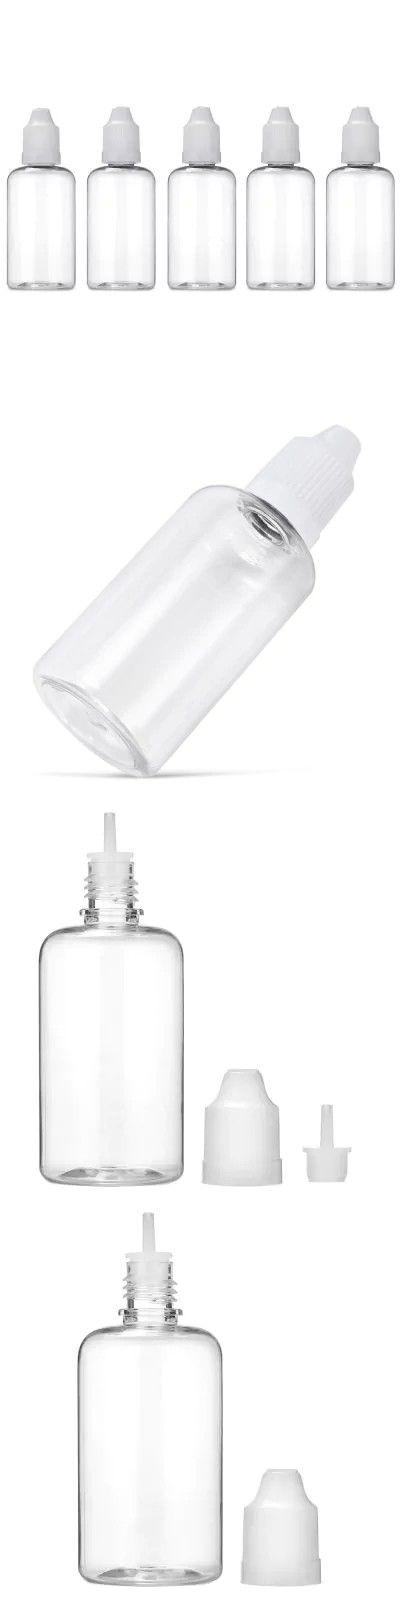 50ml PET Transparent E-liquid Bottle 5pcs -$1.58